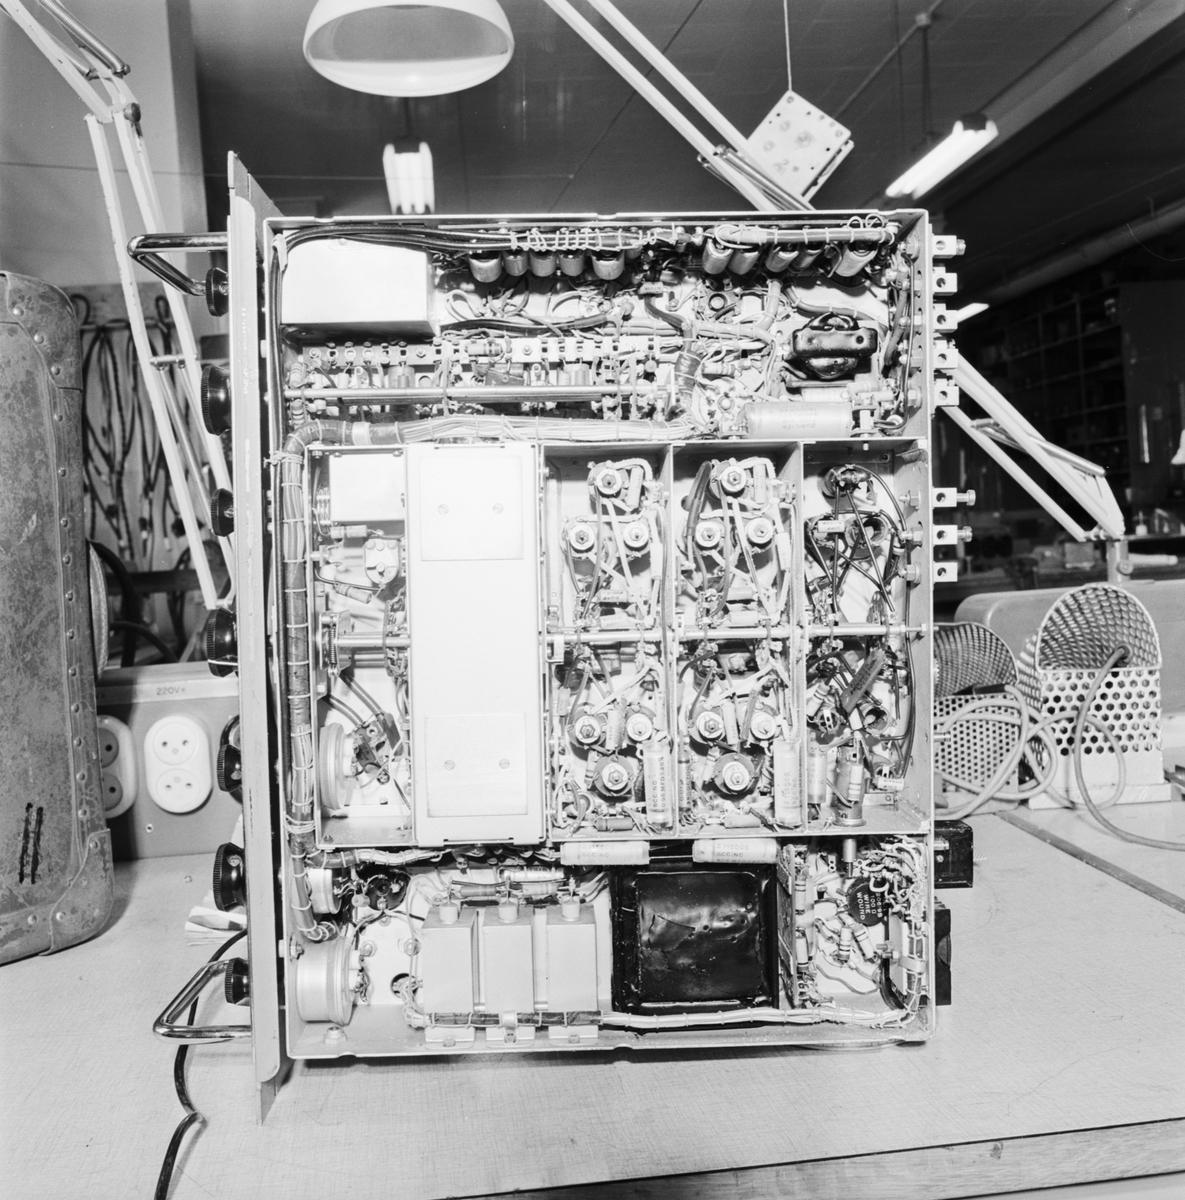 Övrigt: Foto datum: 29/6 1966 Byggnader och kranar Radiosändare. Närmast identisk bild: V36593, ej skannad